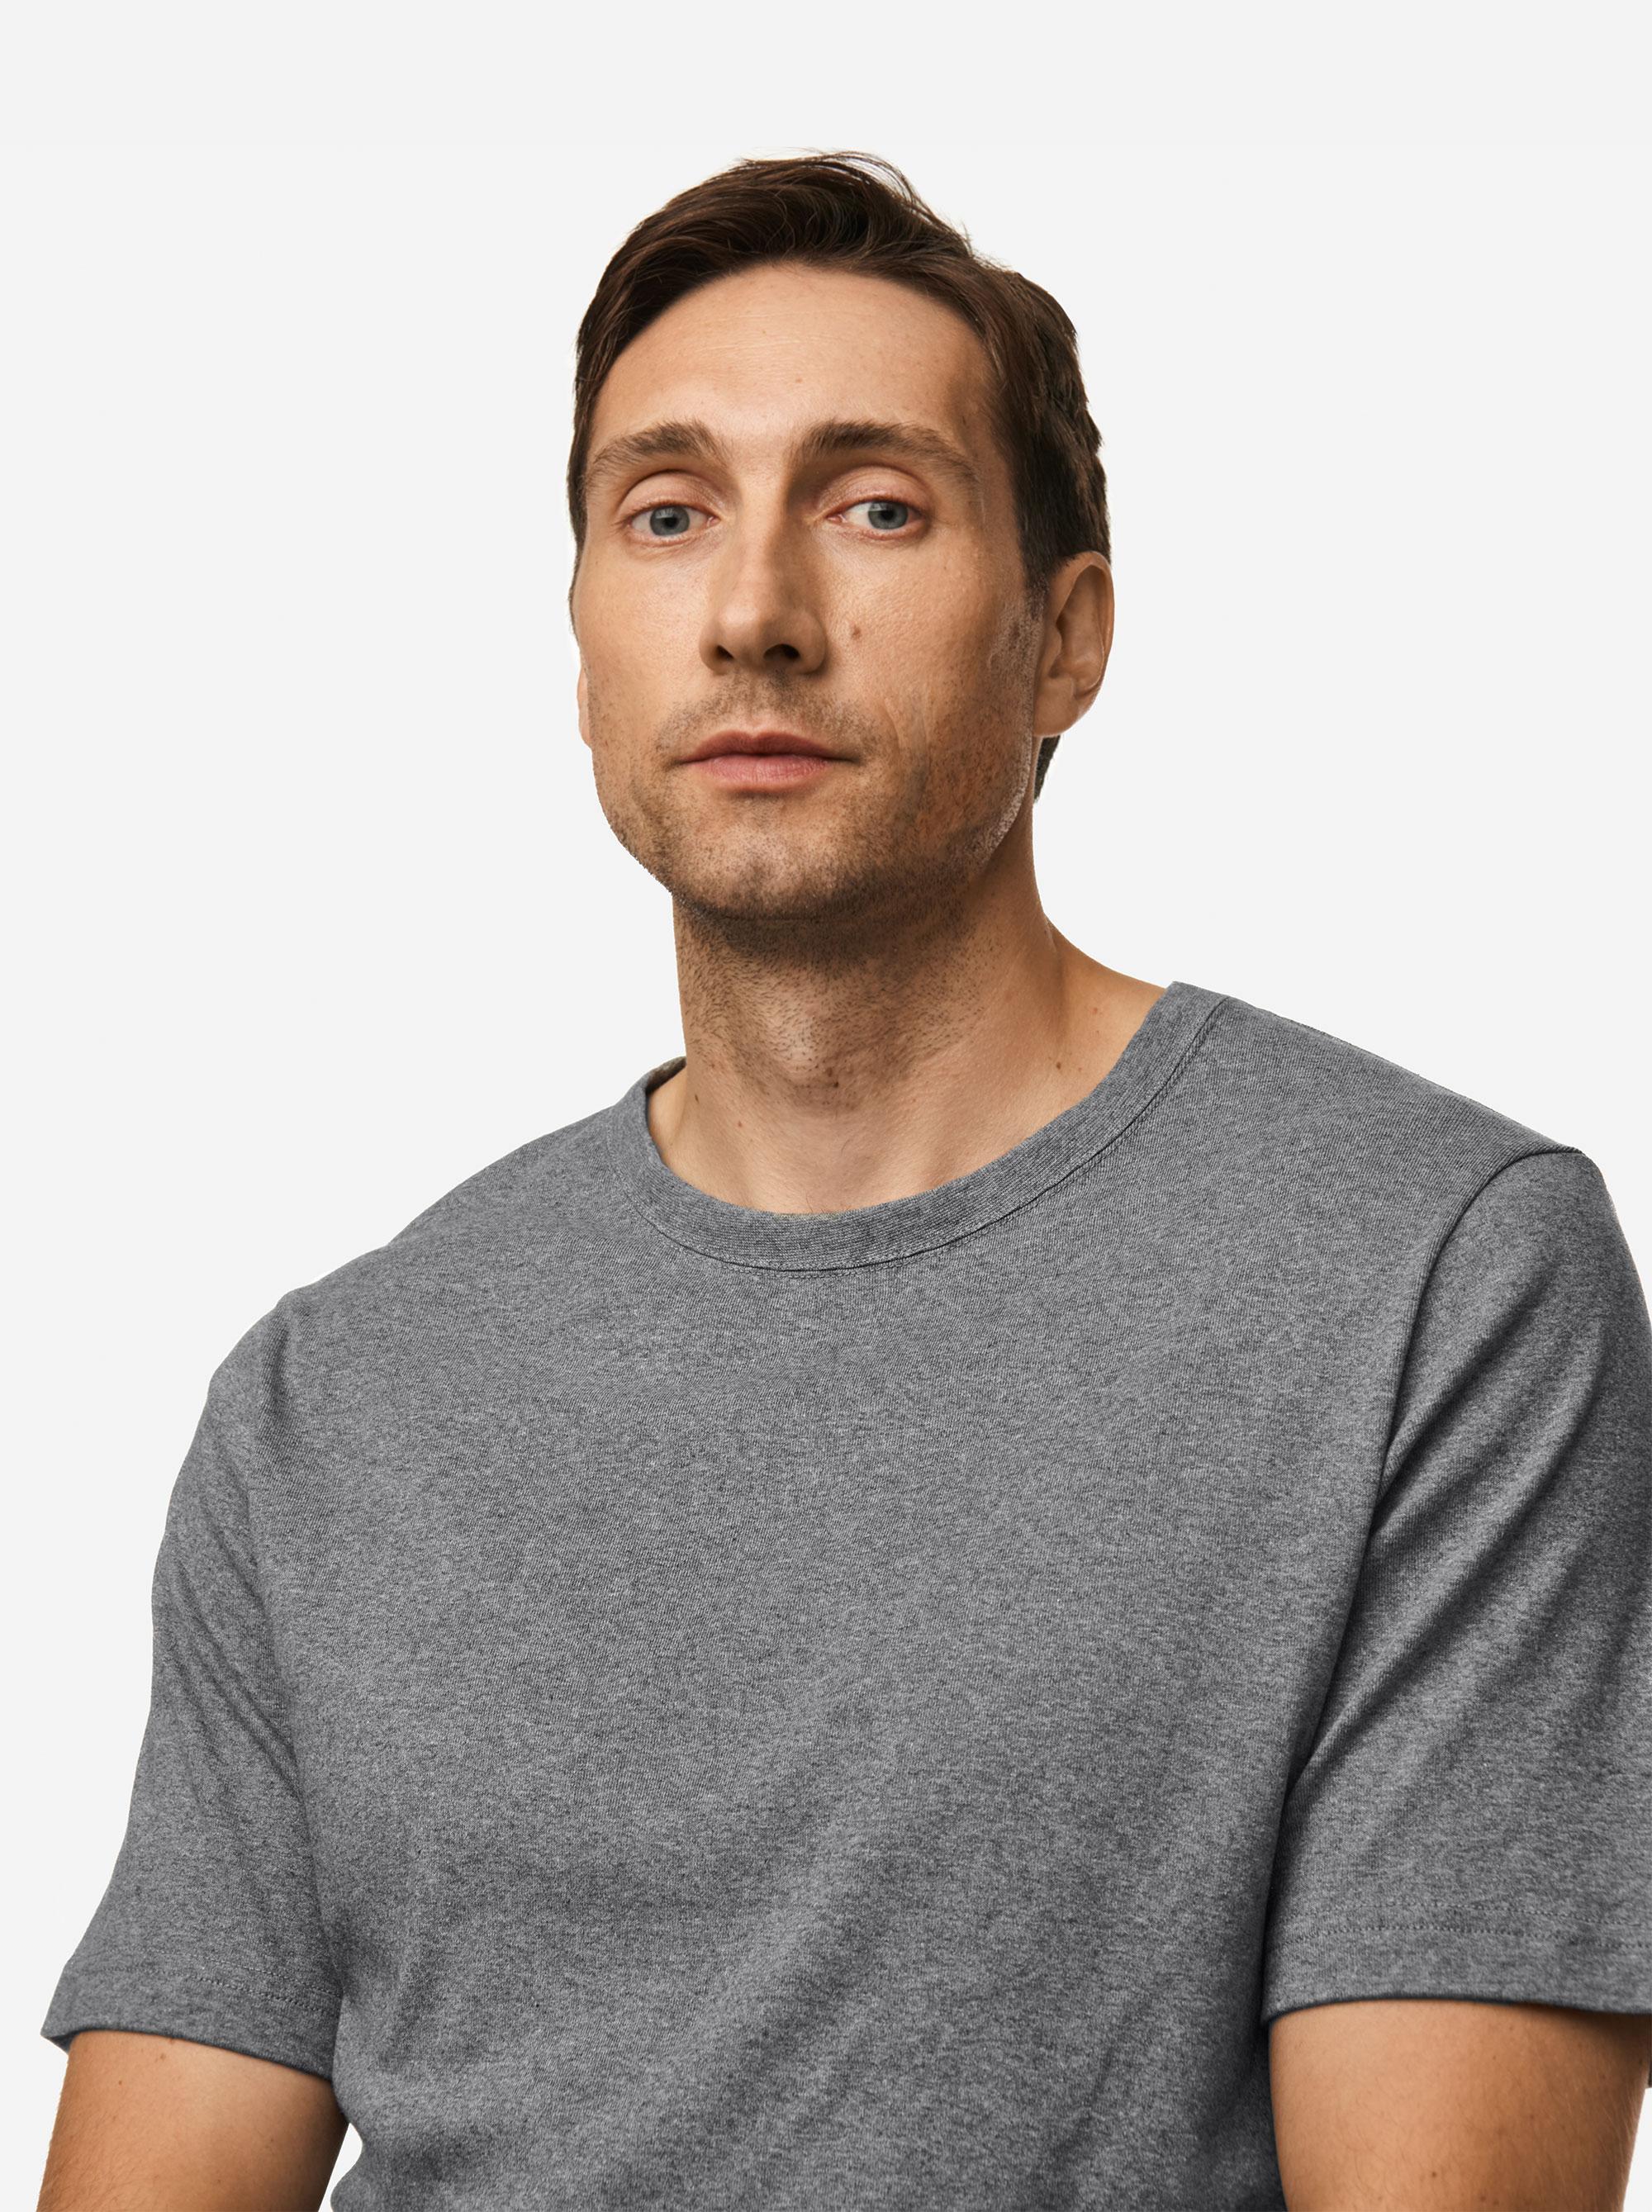 Teym - The T-Shirt - Men - Melange grey - 3B